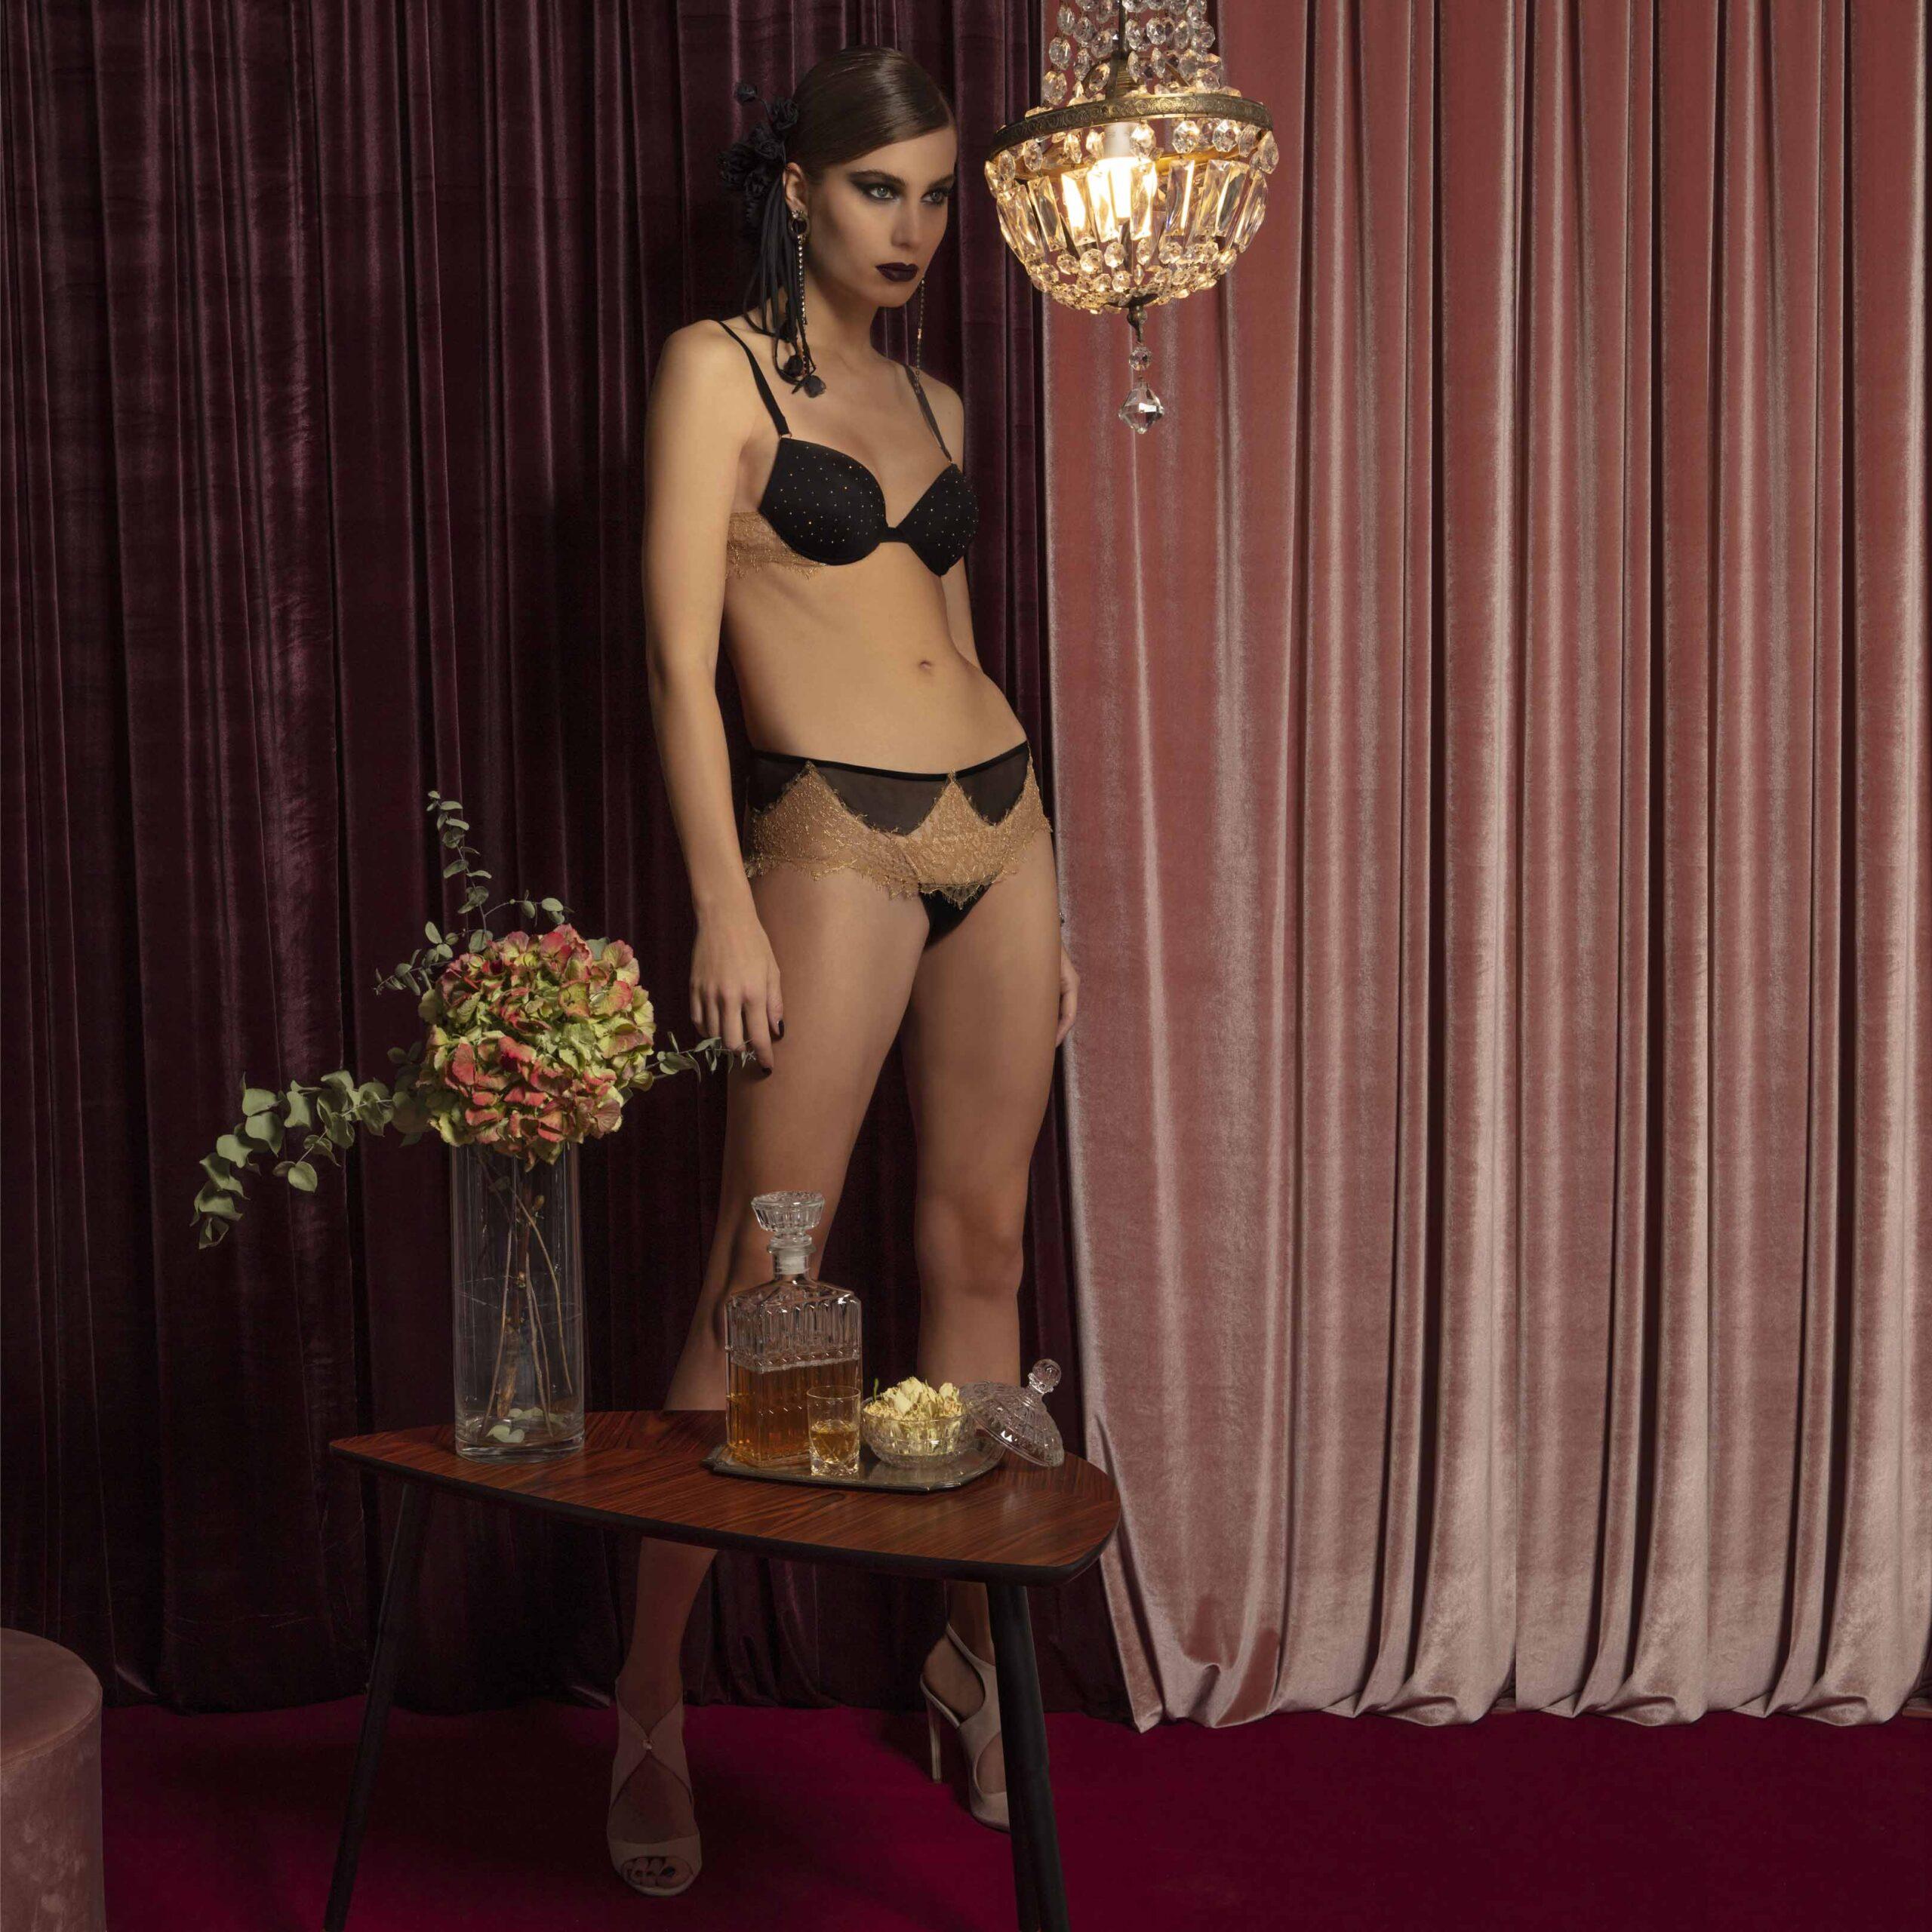 completo-nero-pizzo-reggiseno-slip-valery-prestige-lingerie-donna-autunno-inverno-2022